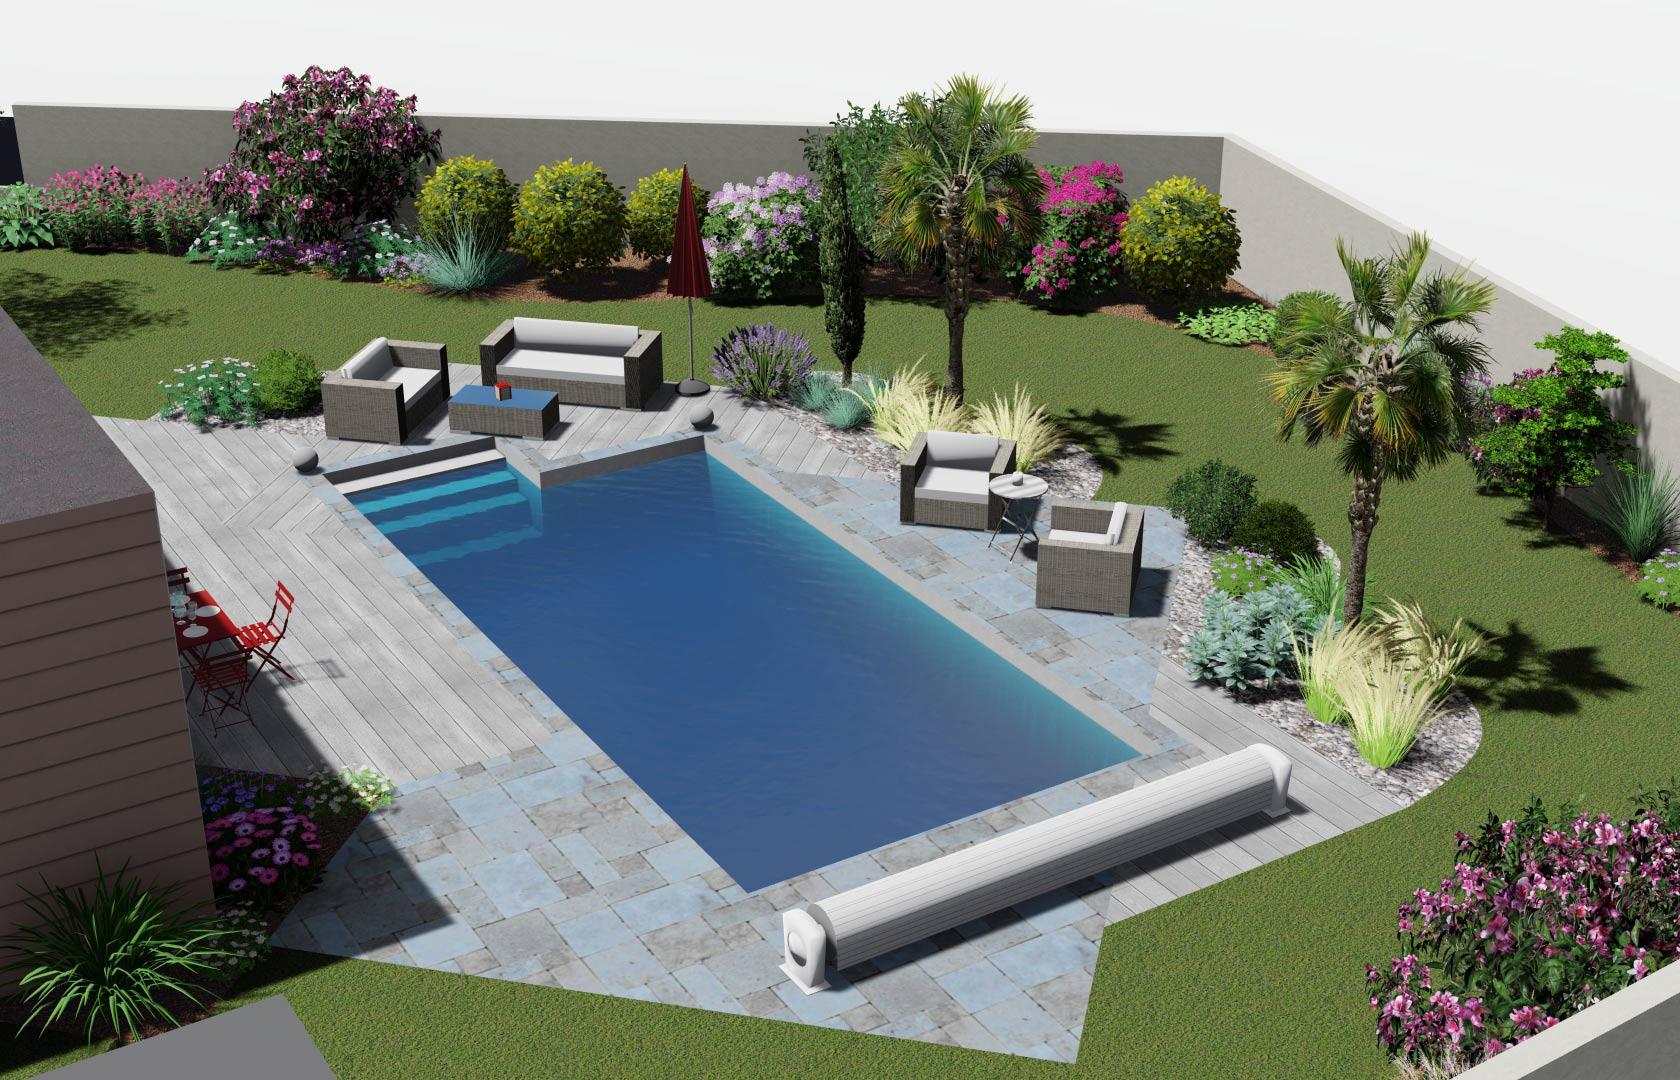 Serrault Jardins, imagine votre terrasse pour votre jardin.